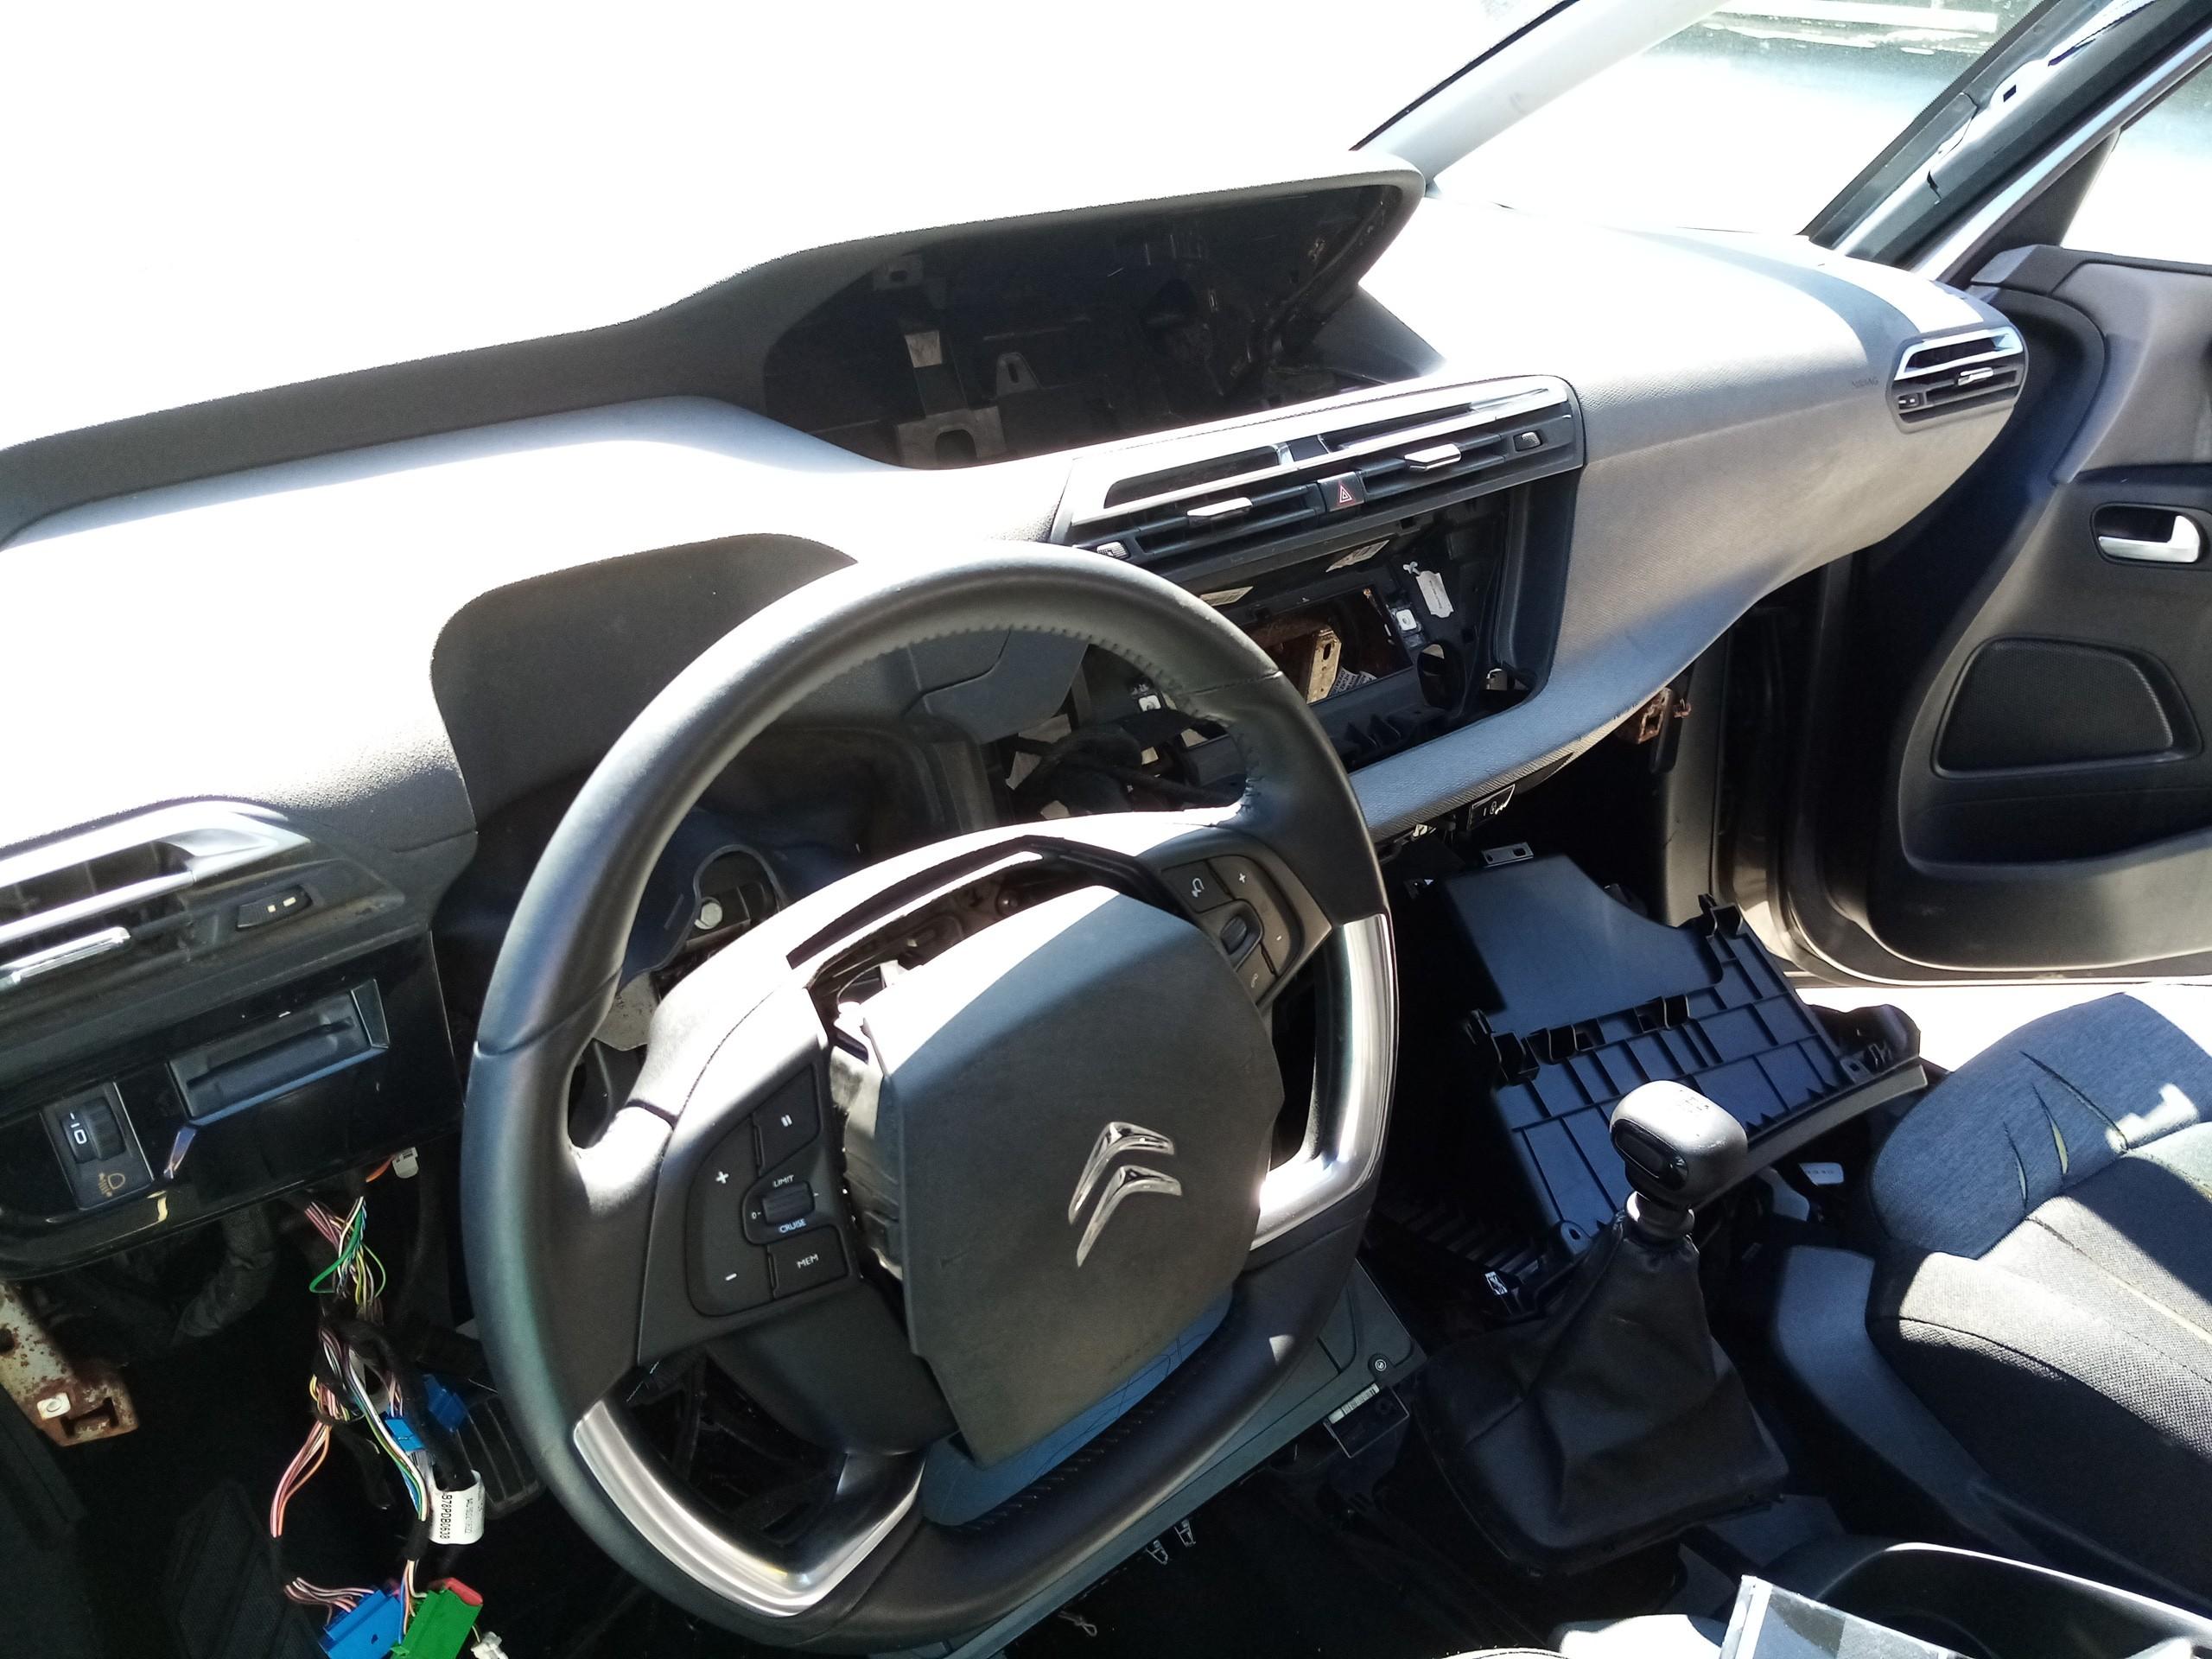 Frente completa com Kit de Airbag (20216068).